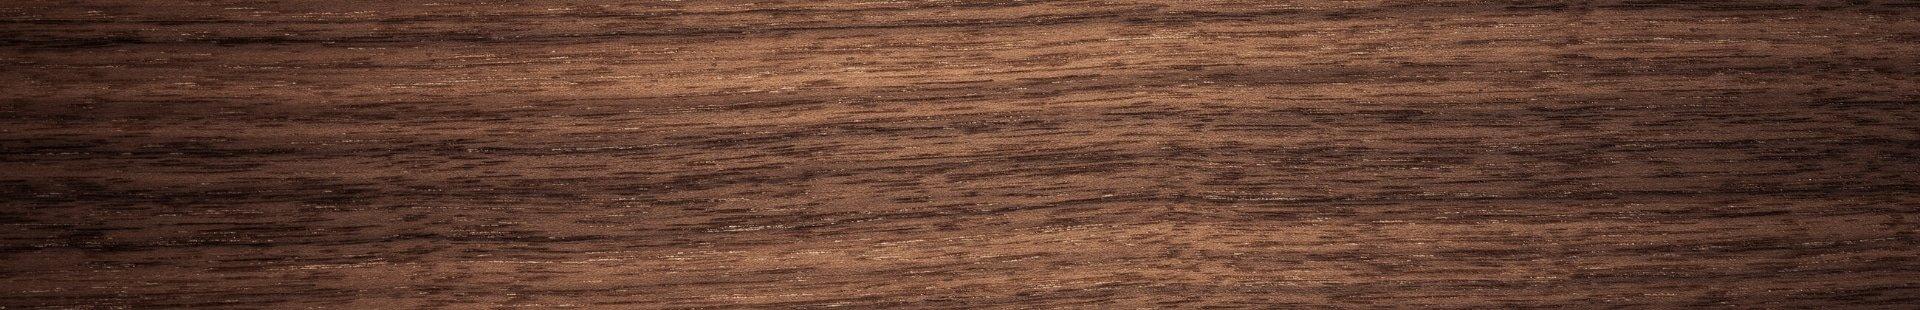 Pflege von Holz: Walnuss